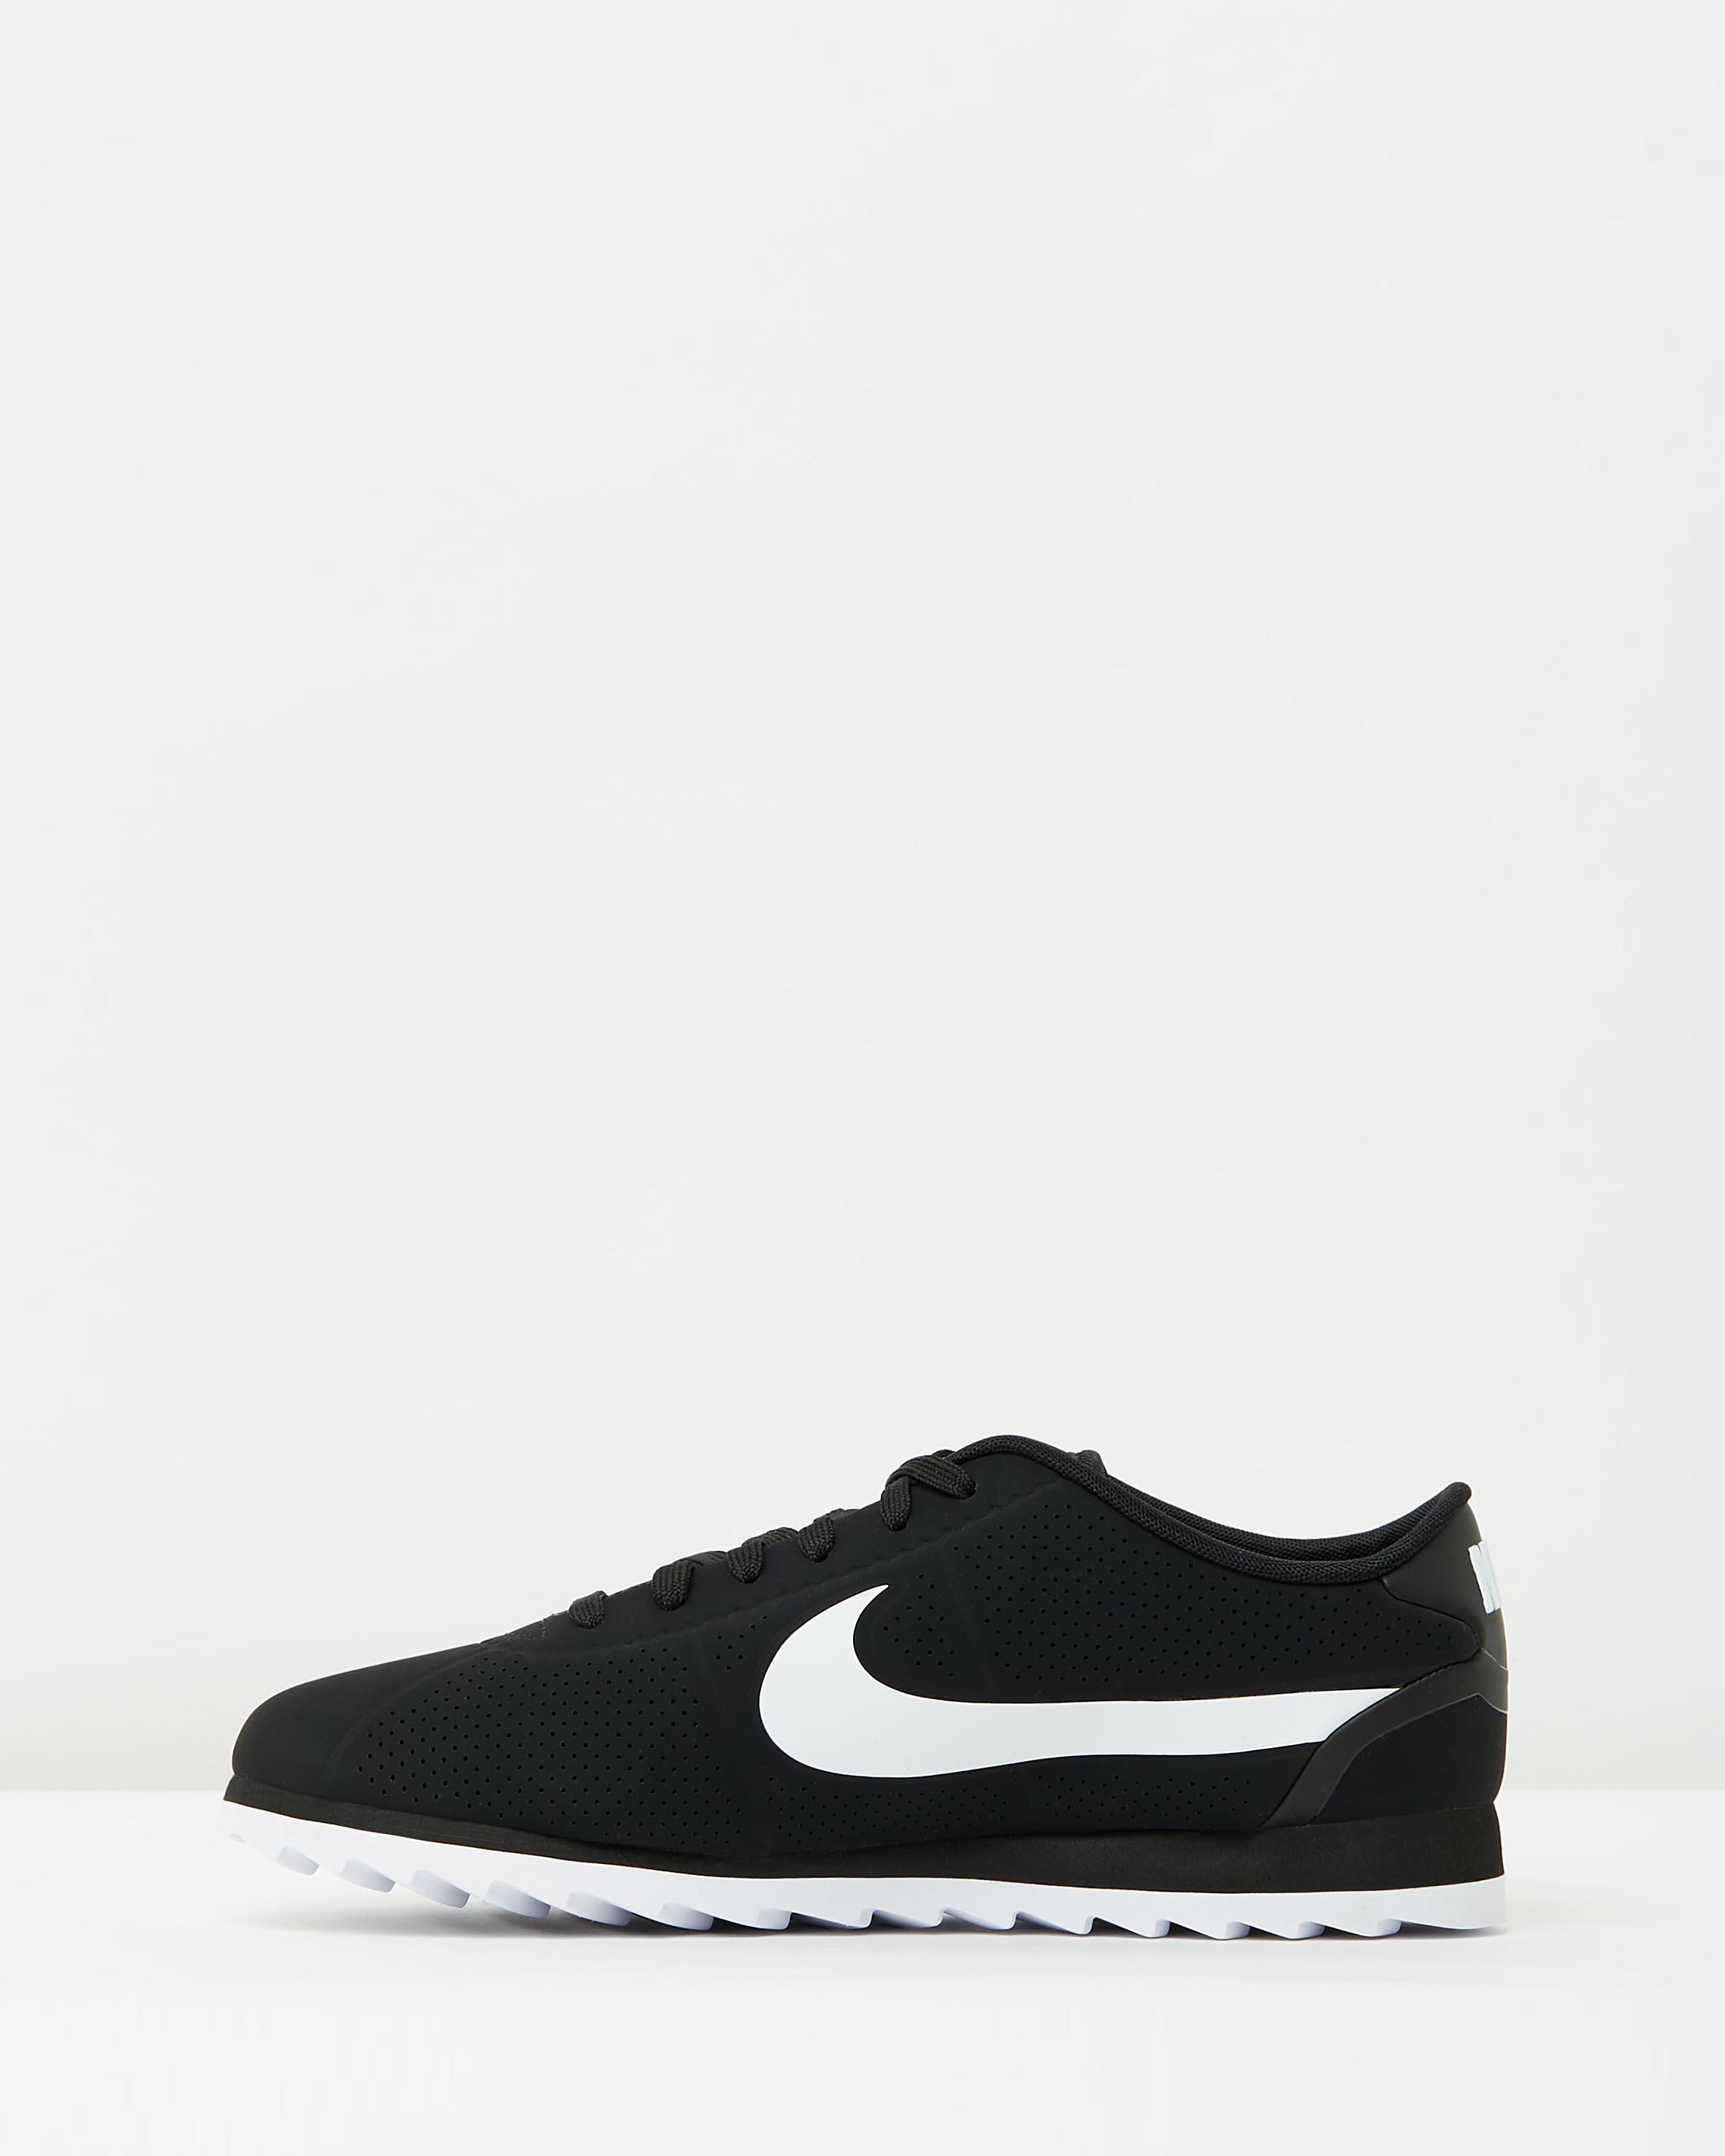 ... Womens Nike Cortez Ultra Moire Black White 3 ... 279079d62a